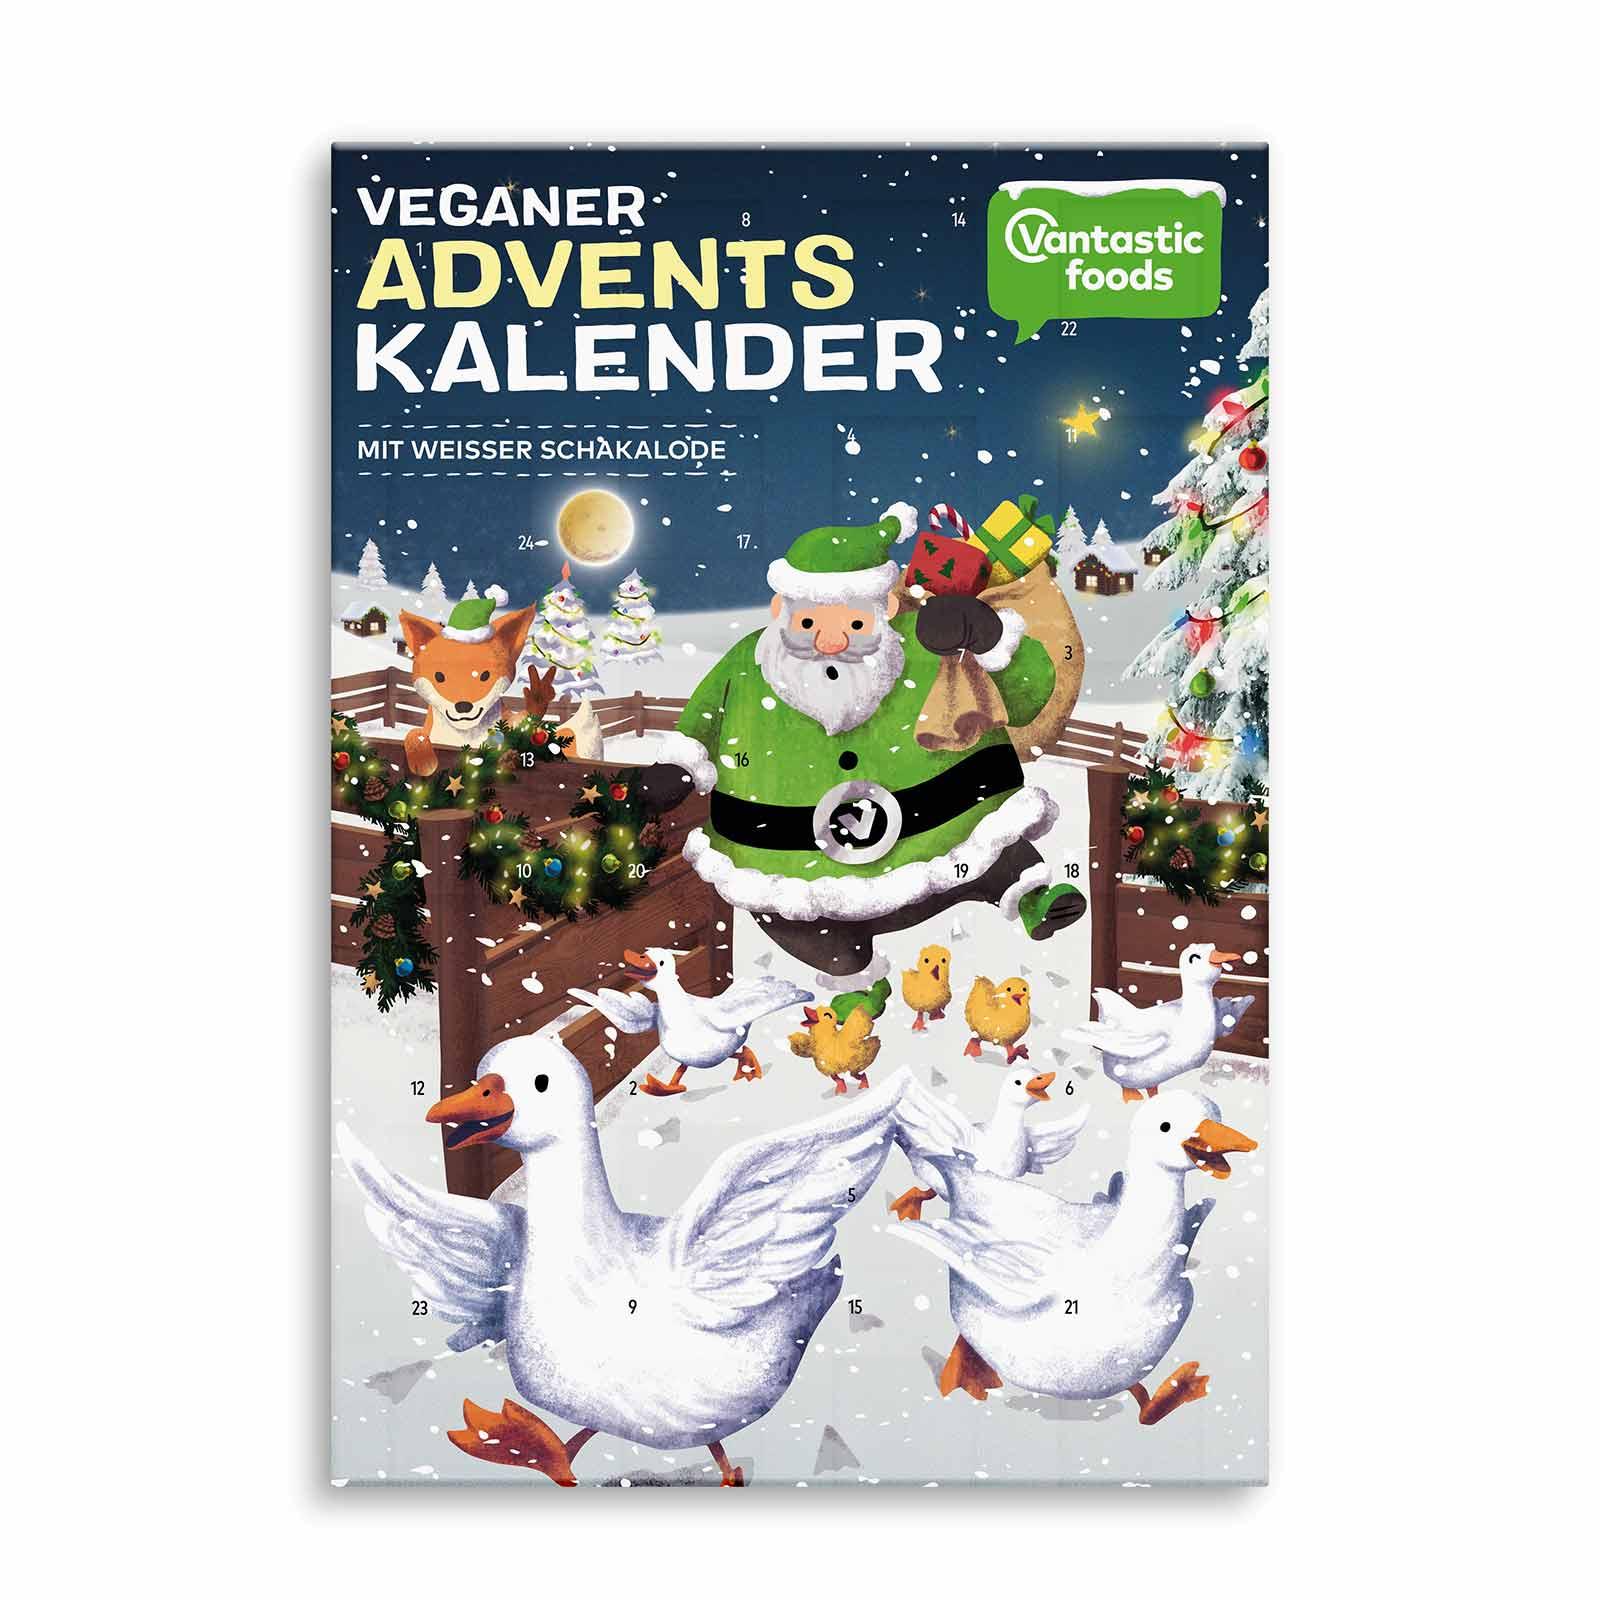 Veganer weiße Schokolade Adventskalender